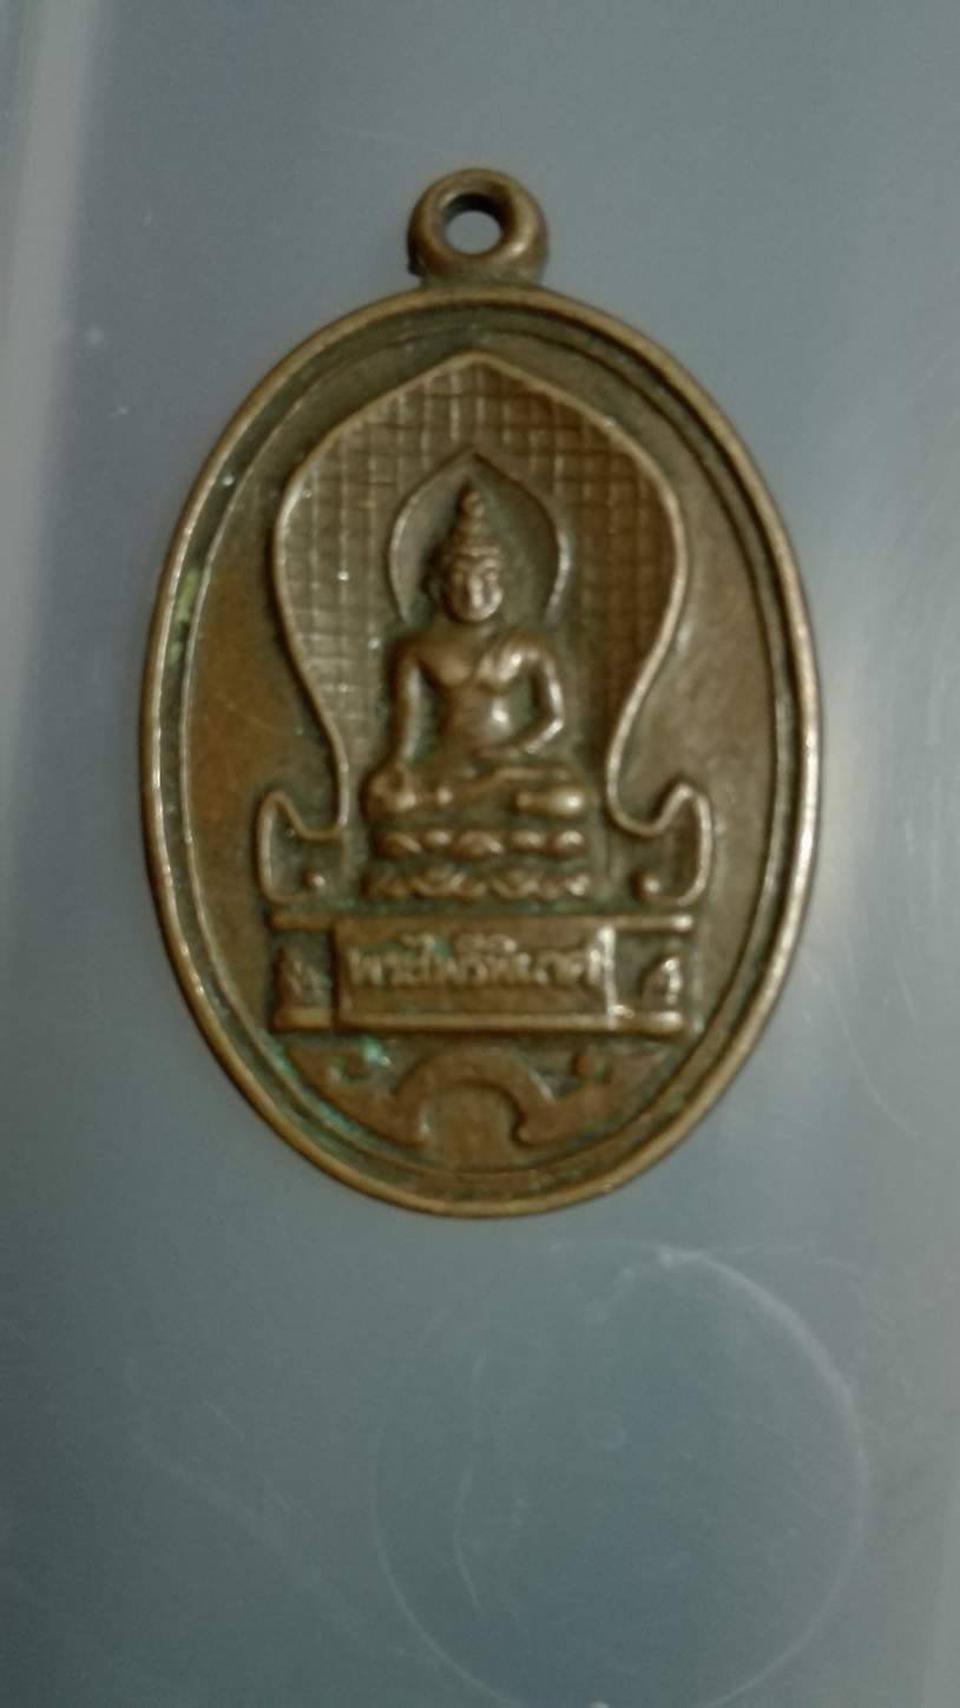 เหรียญพระไพรีพินาศ 50 ปี กรมอาชีวศึกษา พ.ศ. 2534 รูปที่ 1